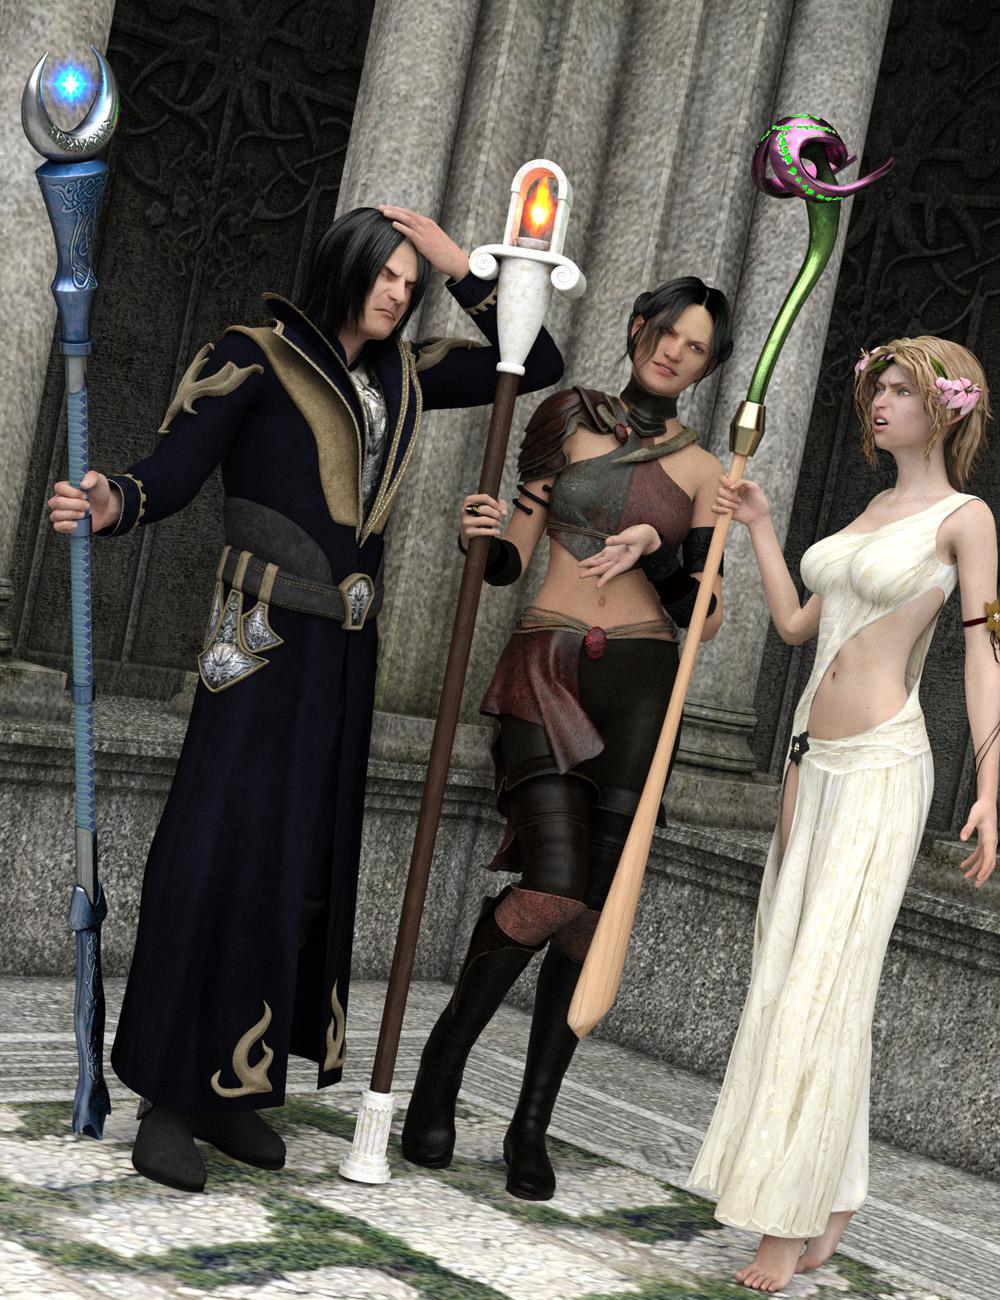 Staffs of Destiny by: Valandar, 3D Models by Daz 3D